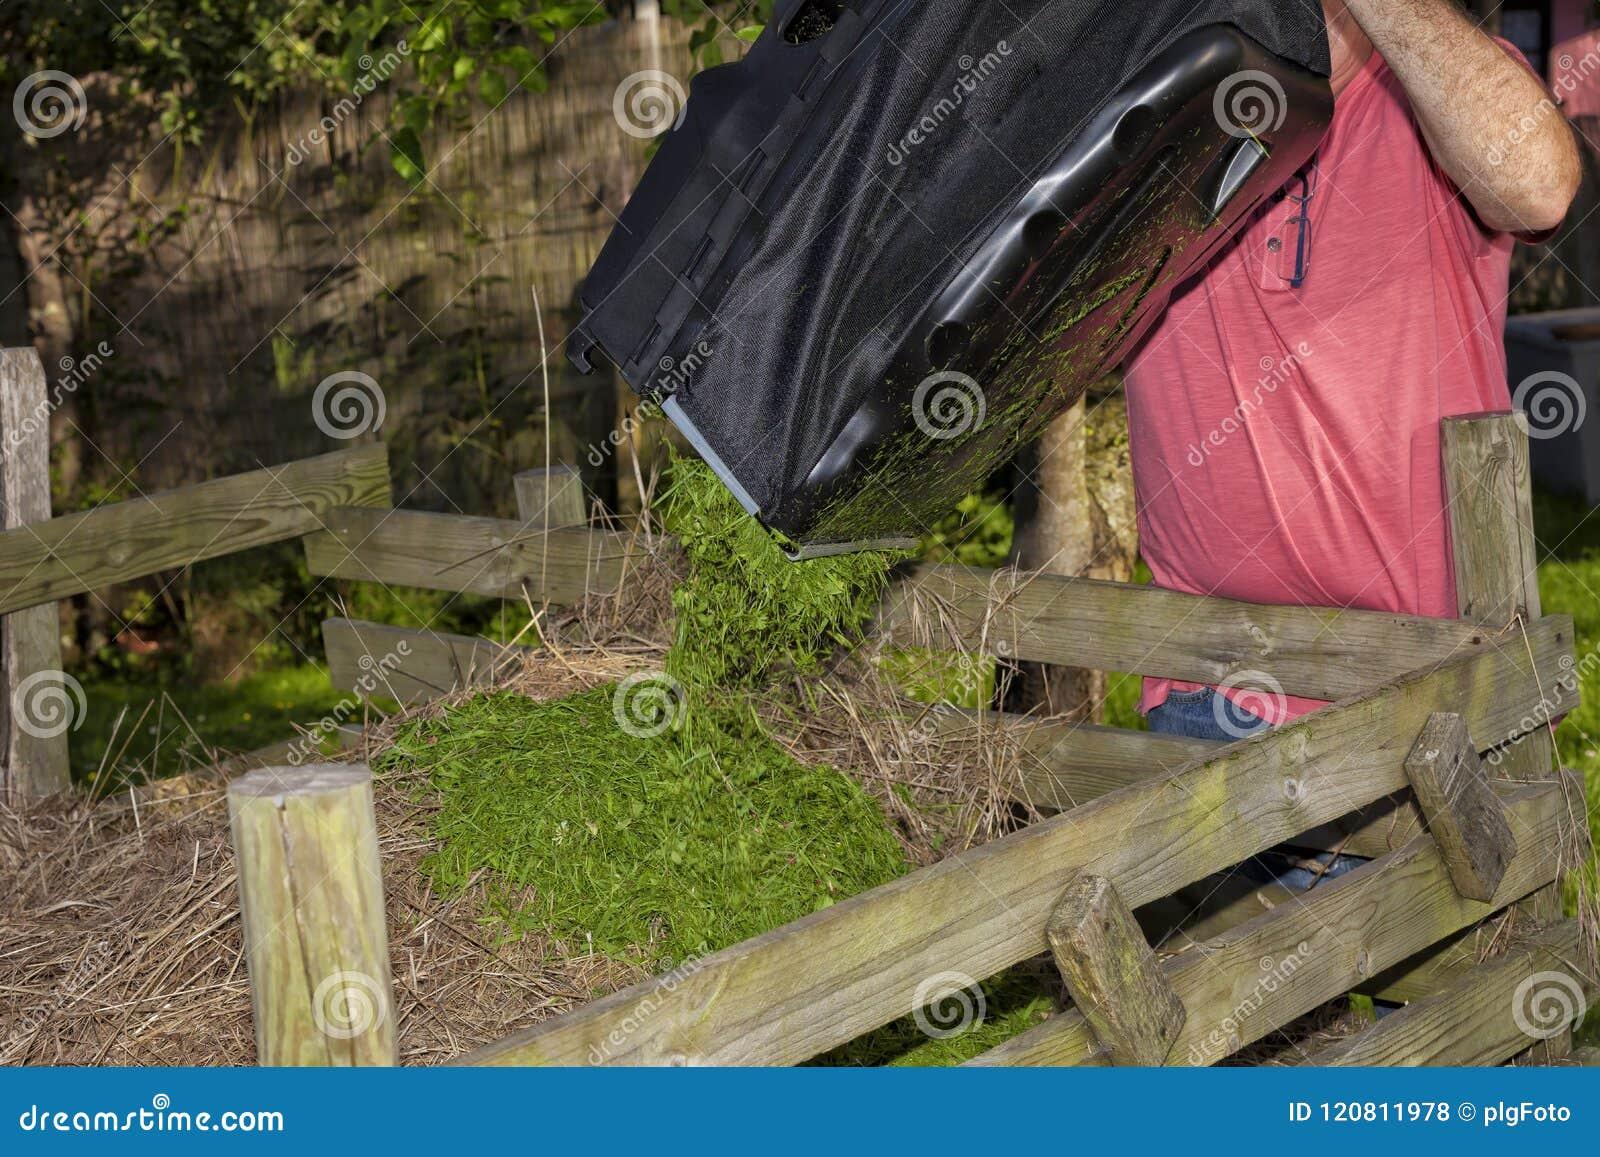 Un uomo svuota il sacco di erba che ha tagliato con la falciatrice da giardino